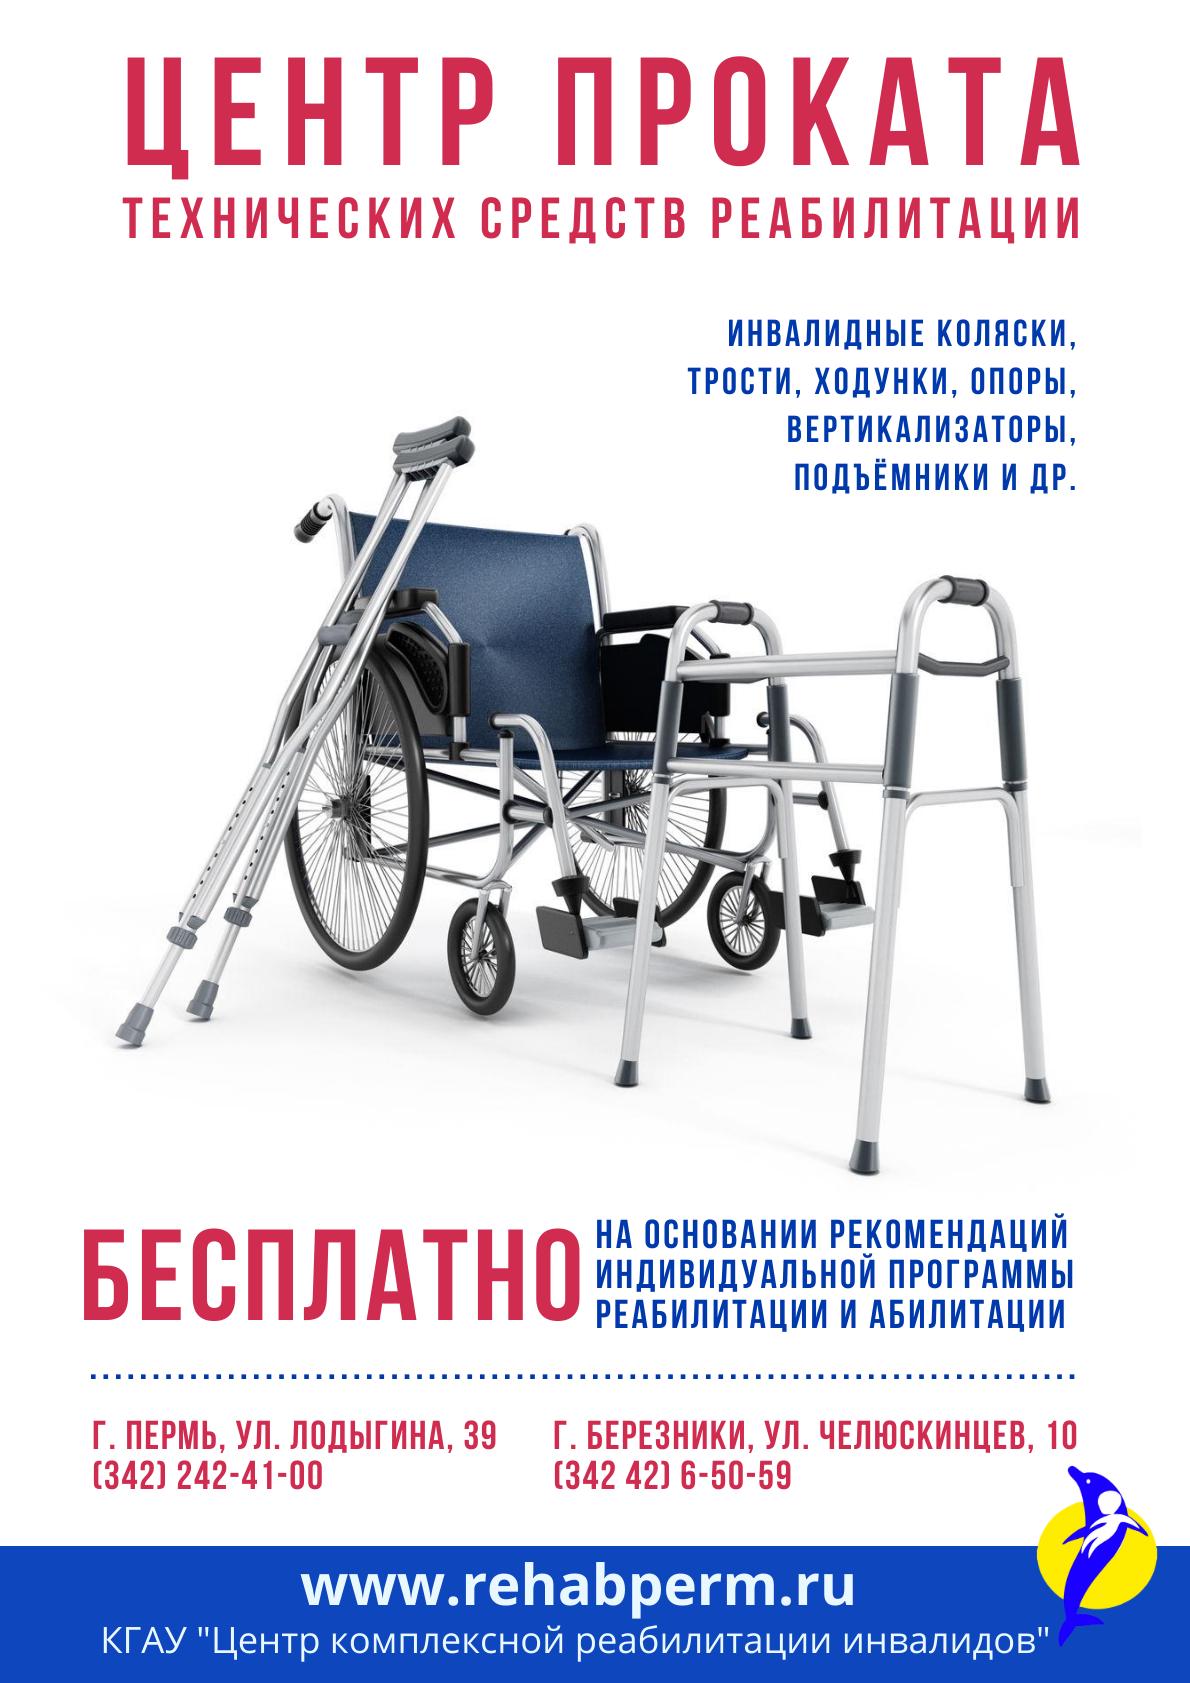 Прокат технических средств реабилитации, Пермь